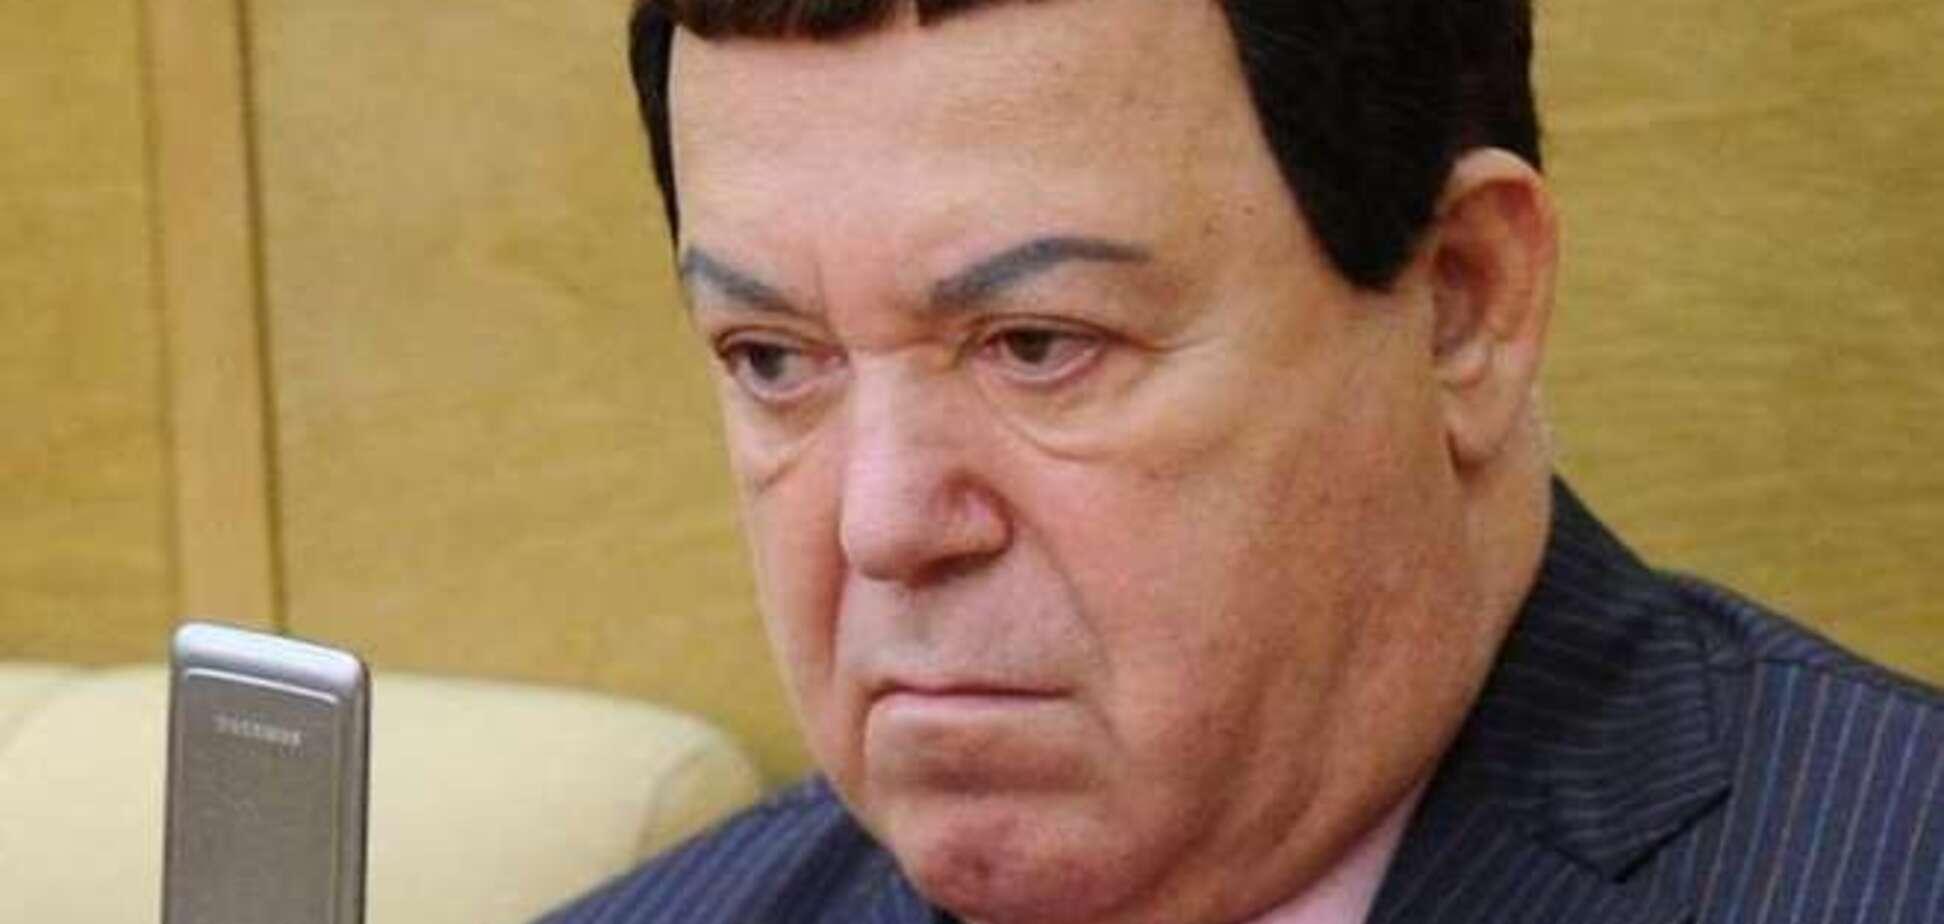 ЕС расширил санкции: под раздачу попали Кобзон, замы Шойгу и террористы. Полный список